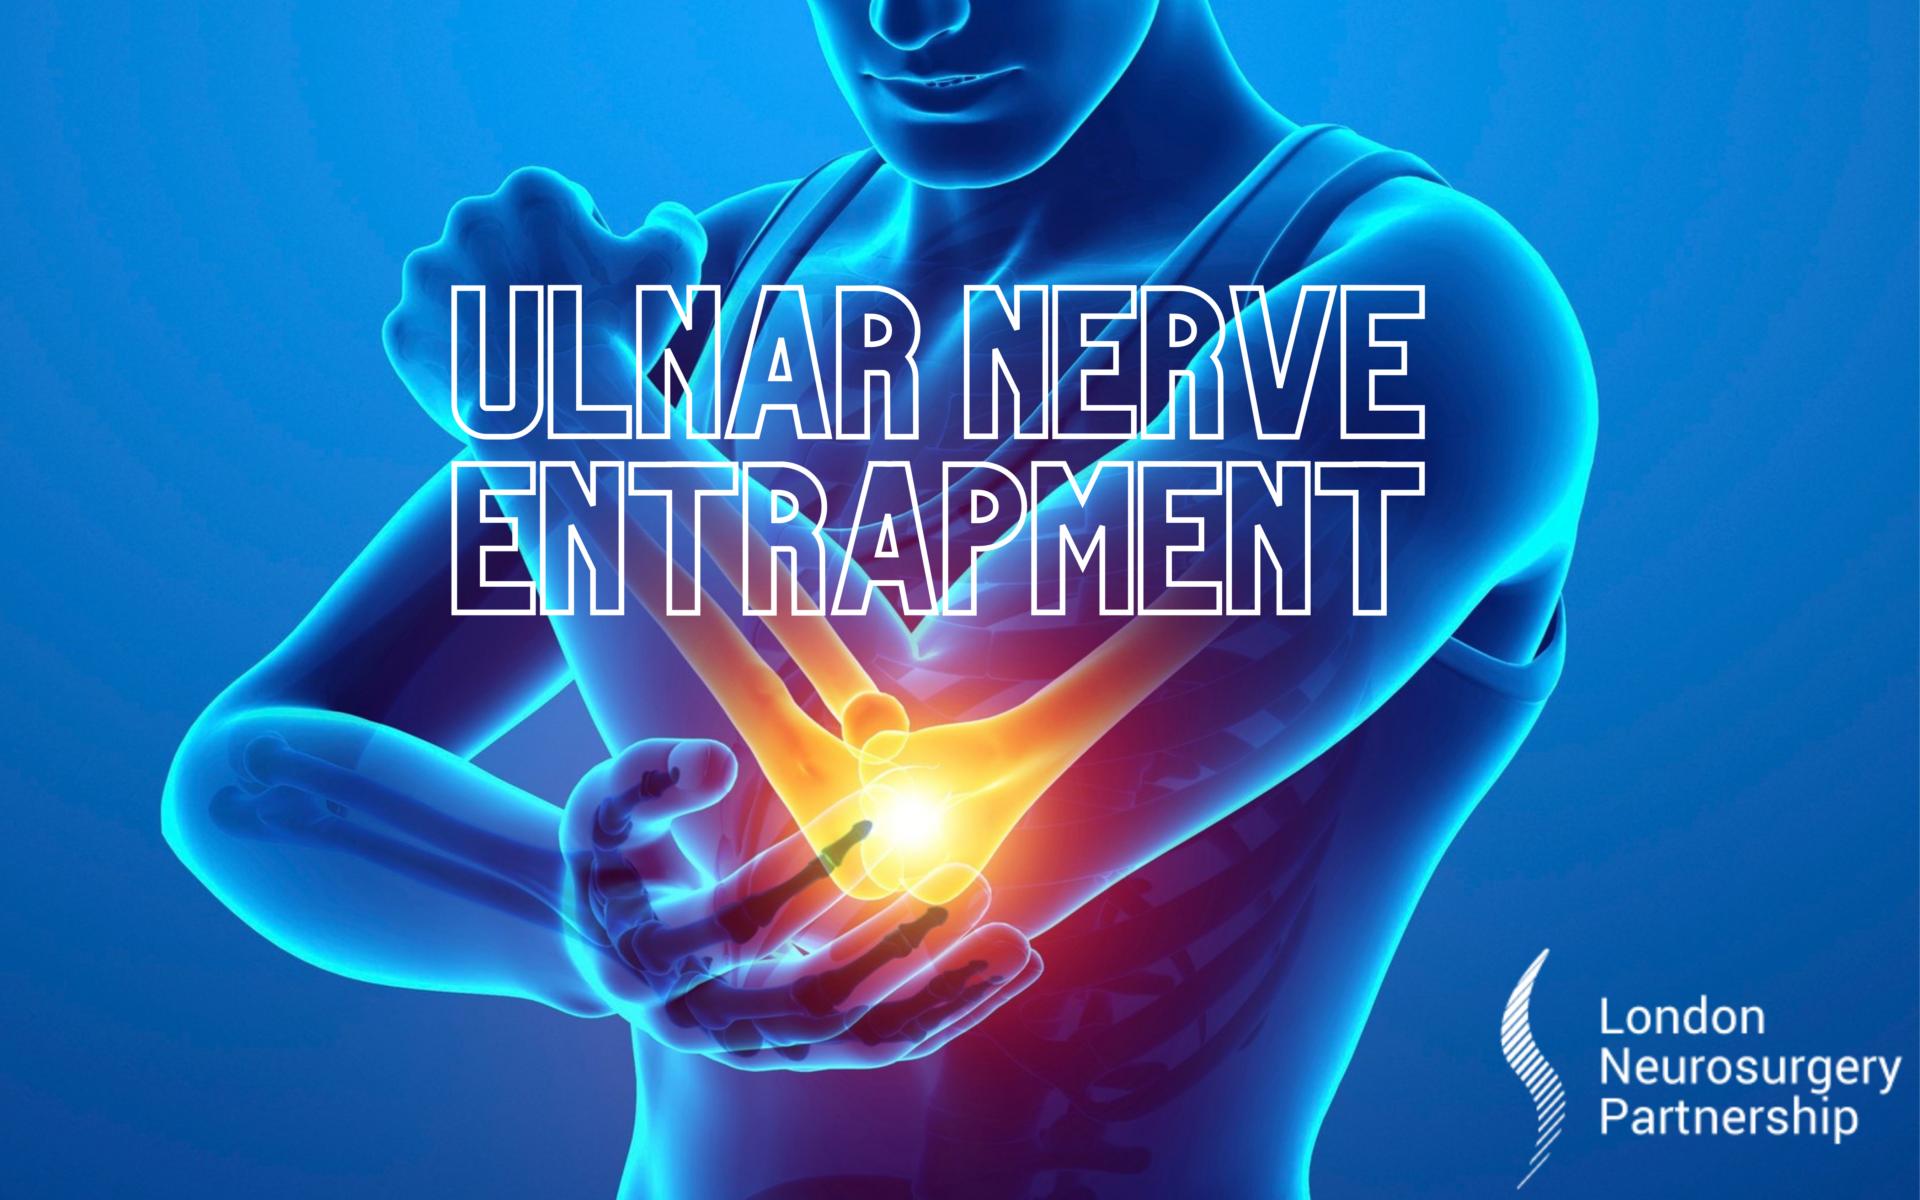 ulnar nerve entrapment